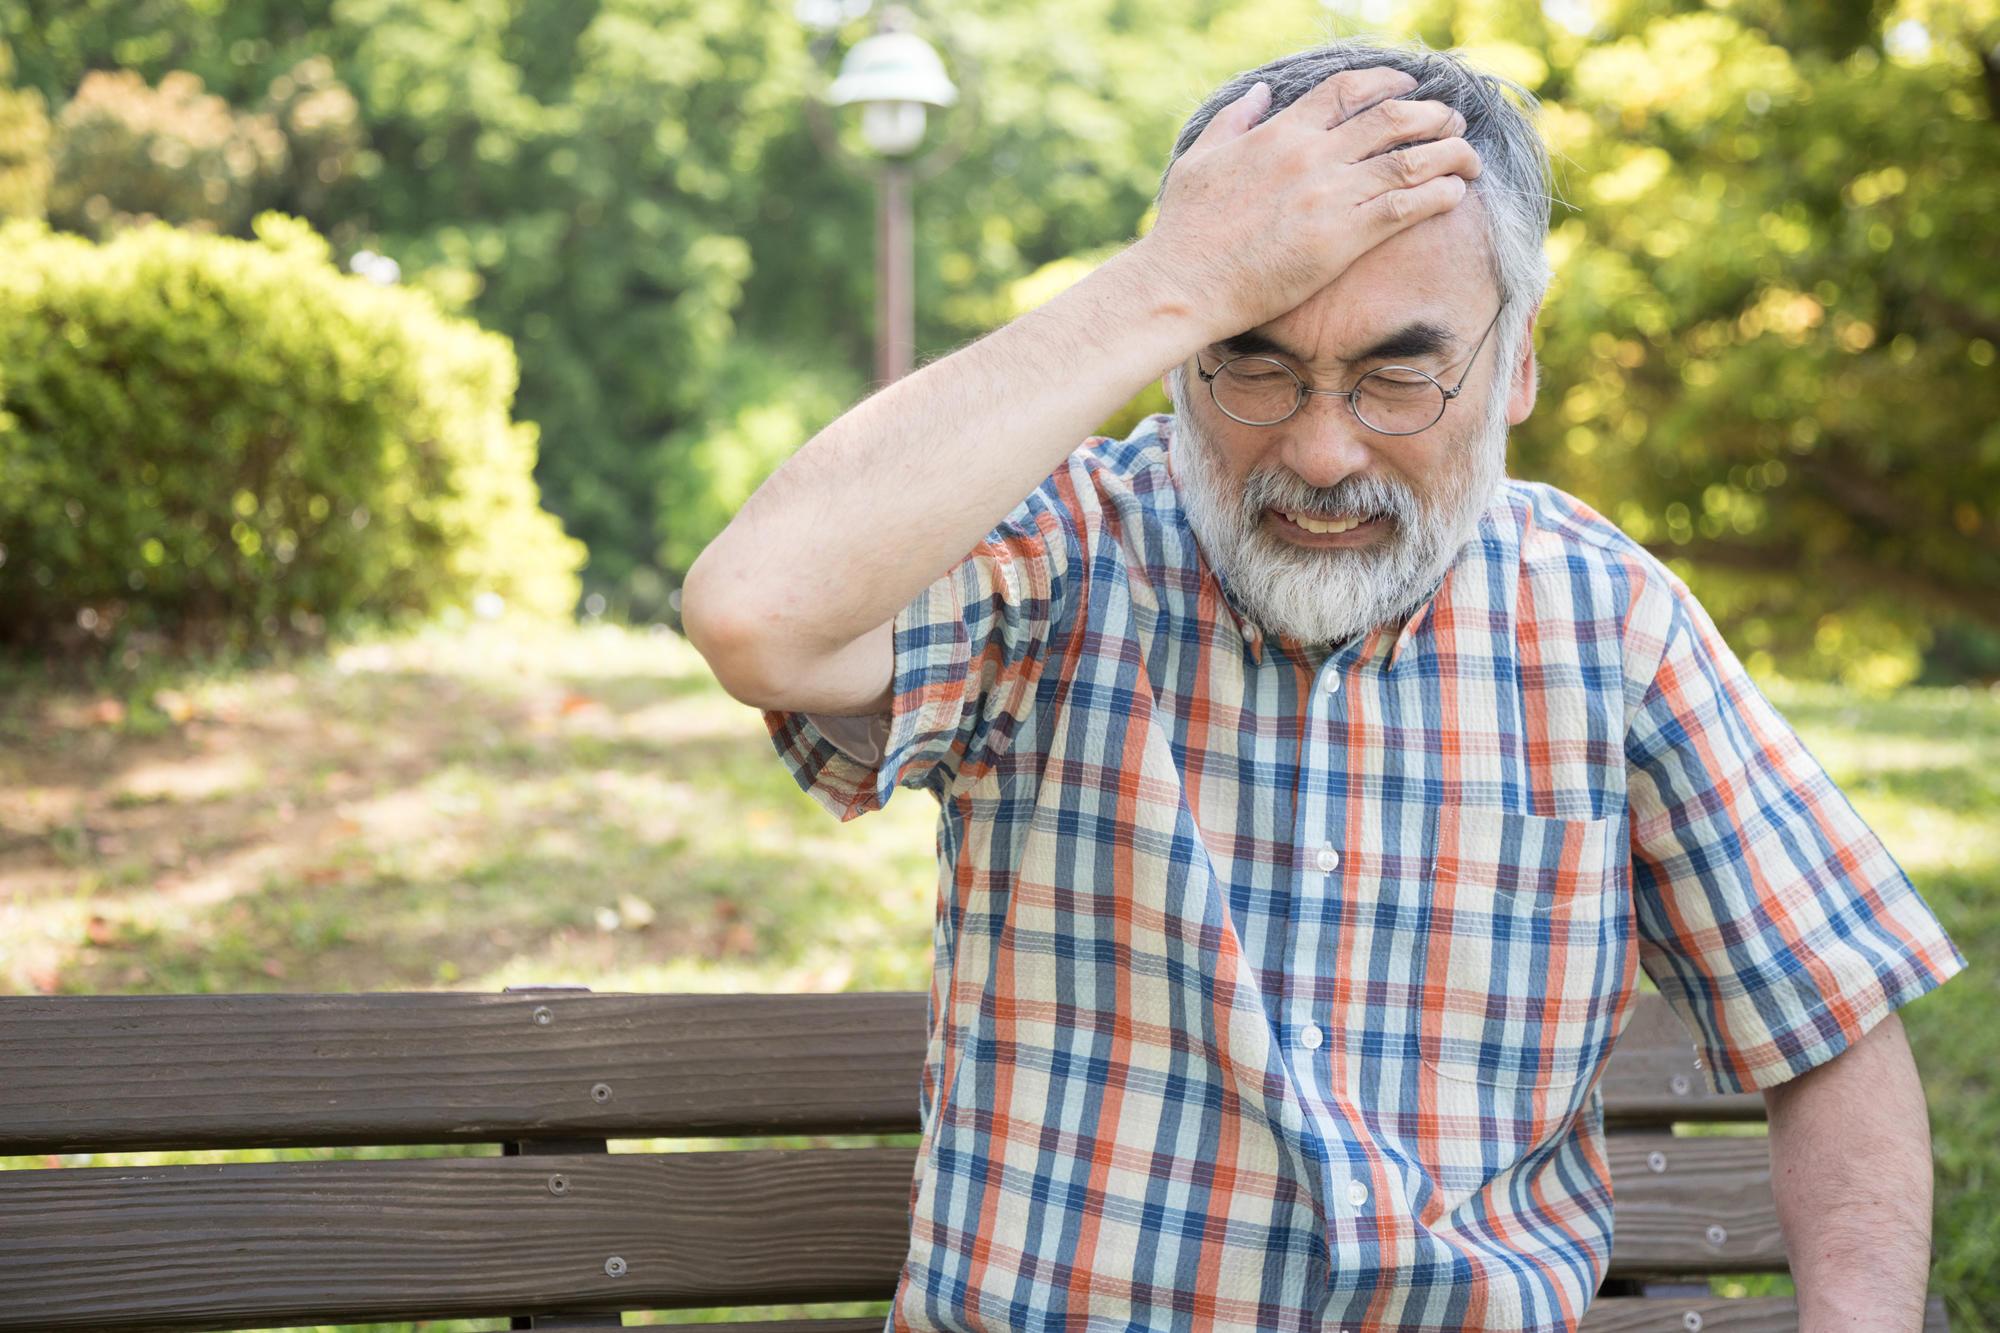 認知症までのモラトリアム。注意して防ぎたい「軽度認知障害(MCI)」|認知症のコラム